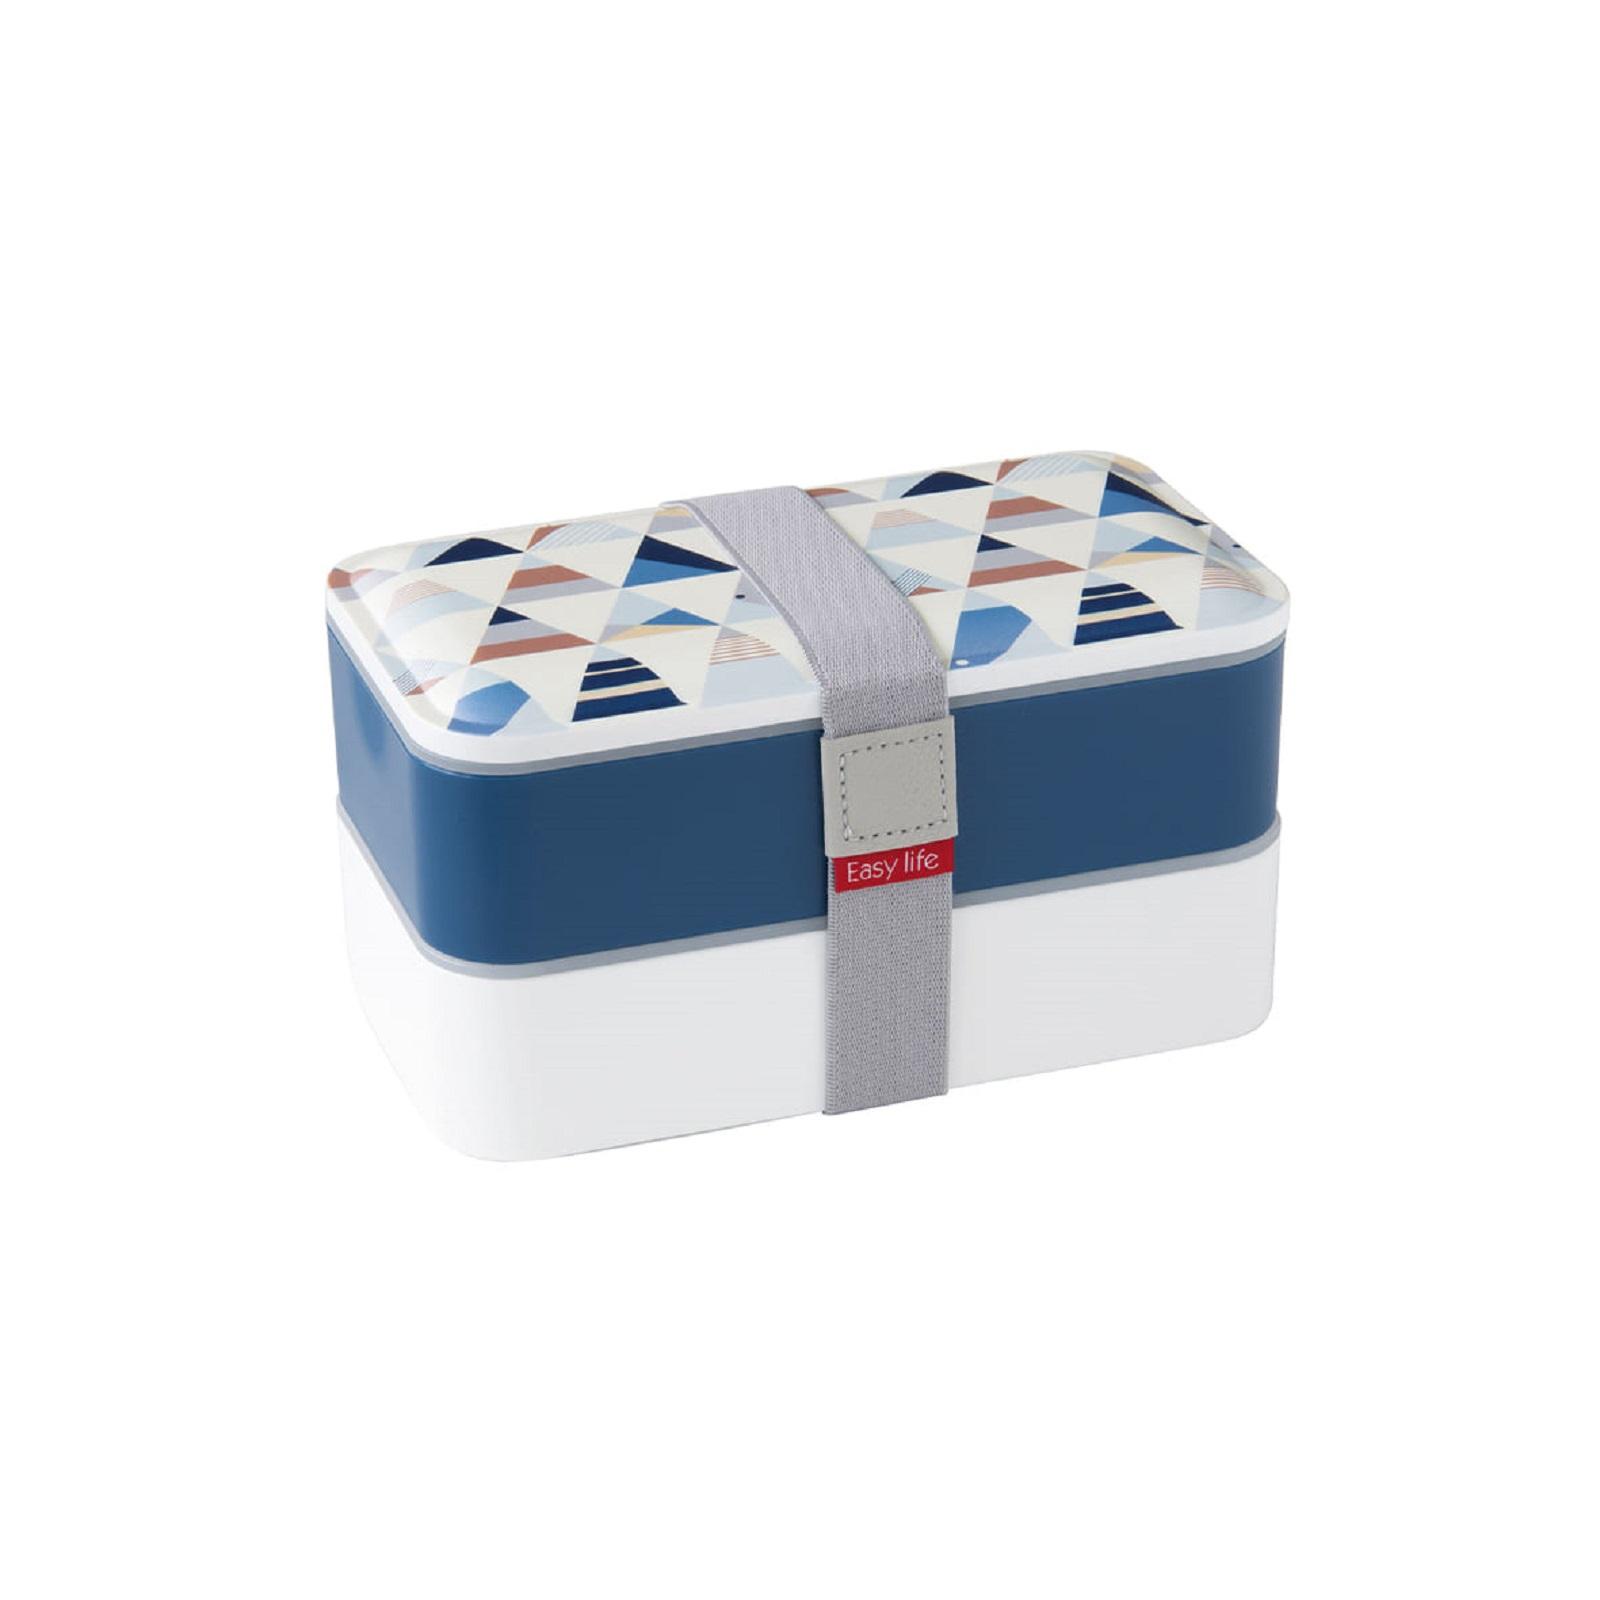 Ланч-бокс Easy Life, объем 1,2 л, 18,5x10,5x10 см, белый с синим Easy Life 2500 GEO1 фото 0